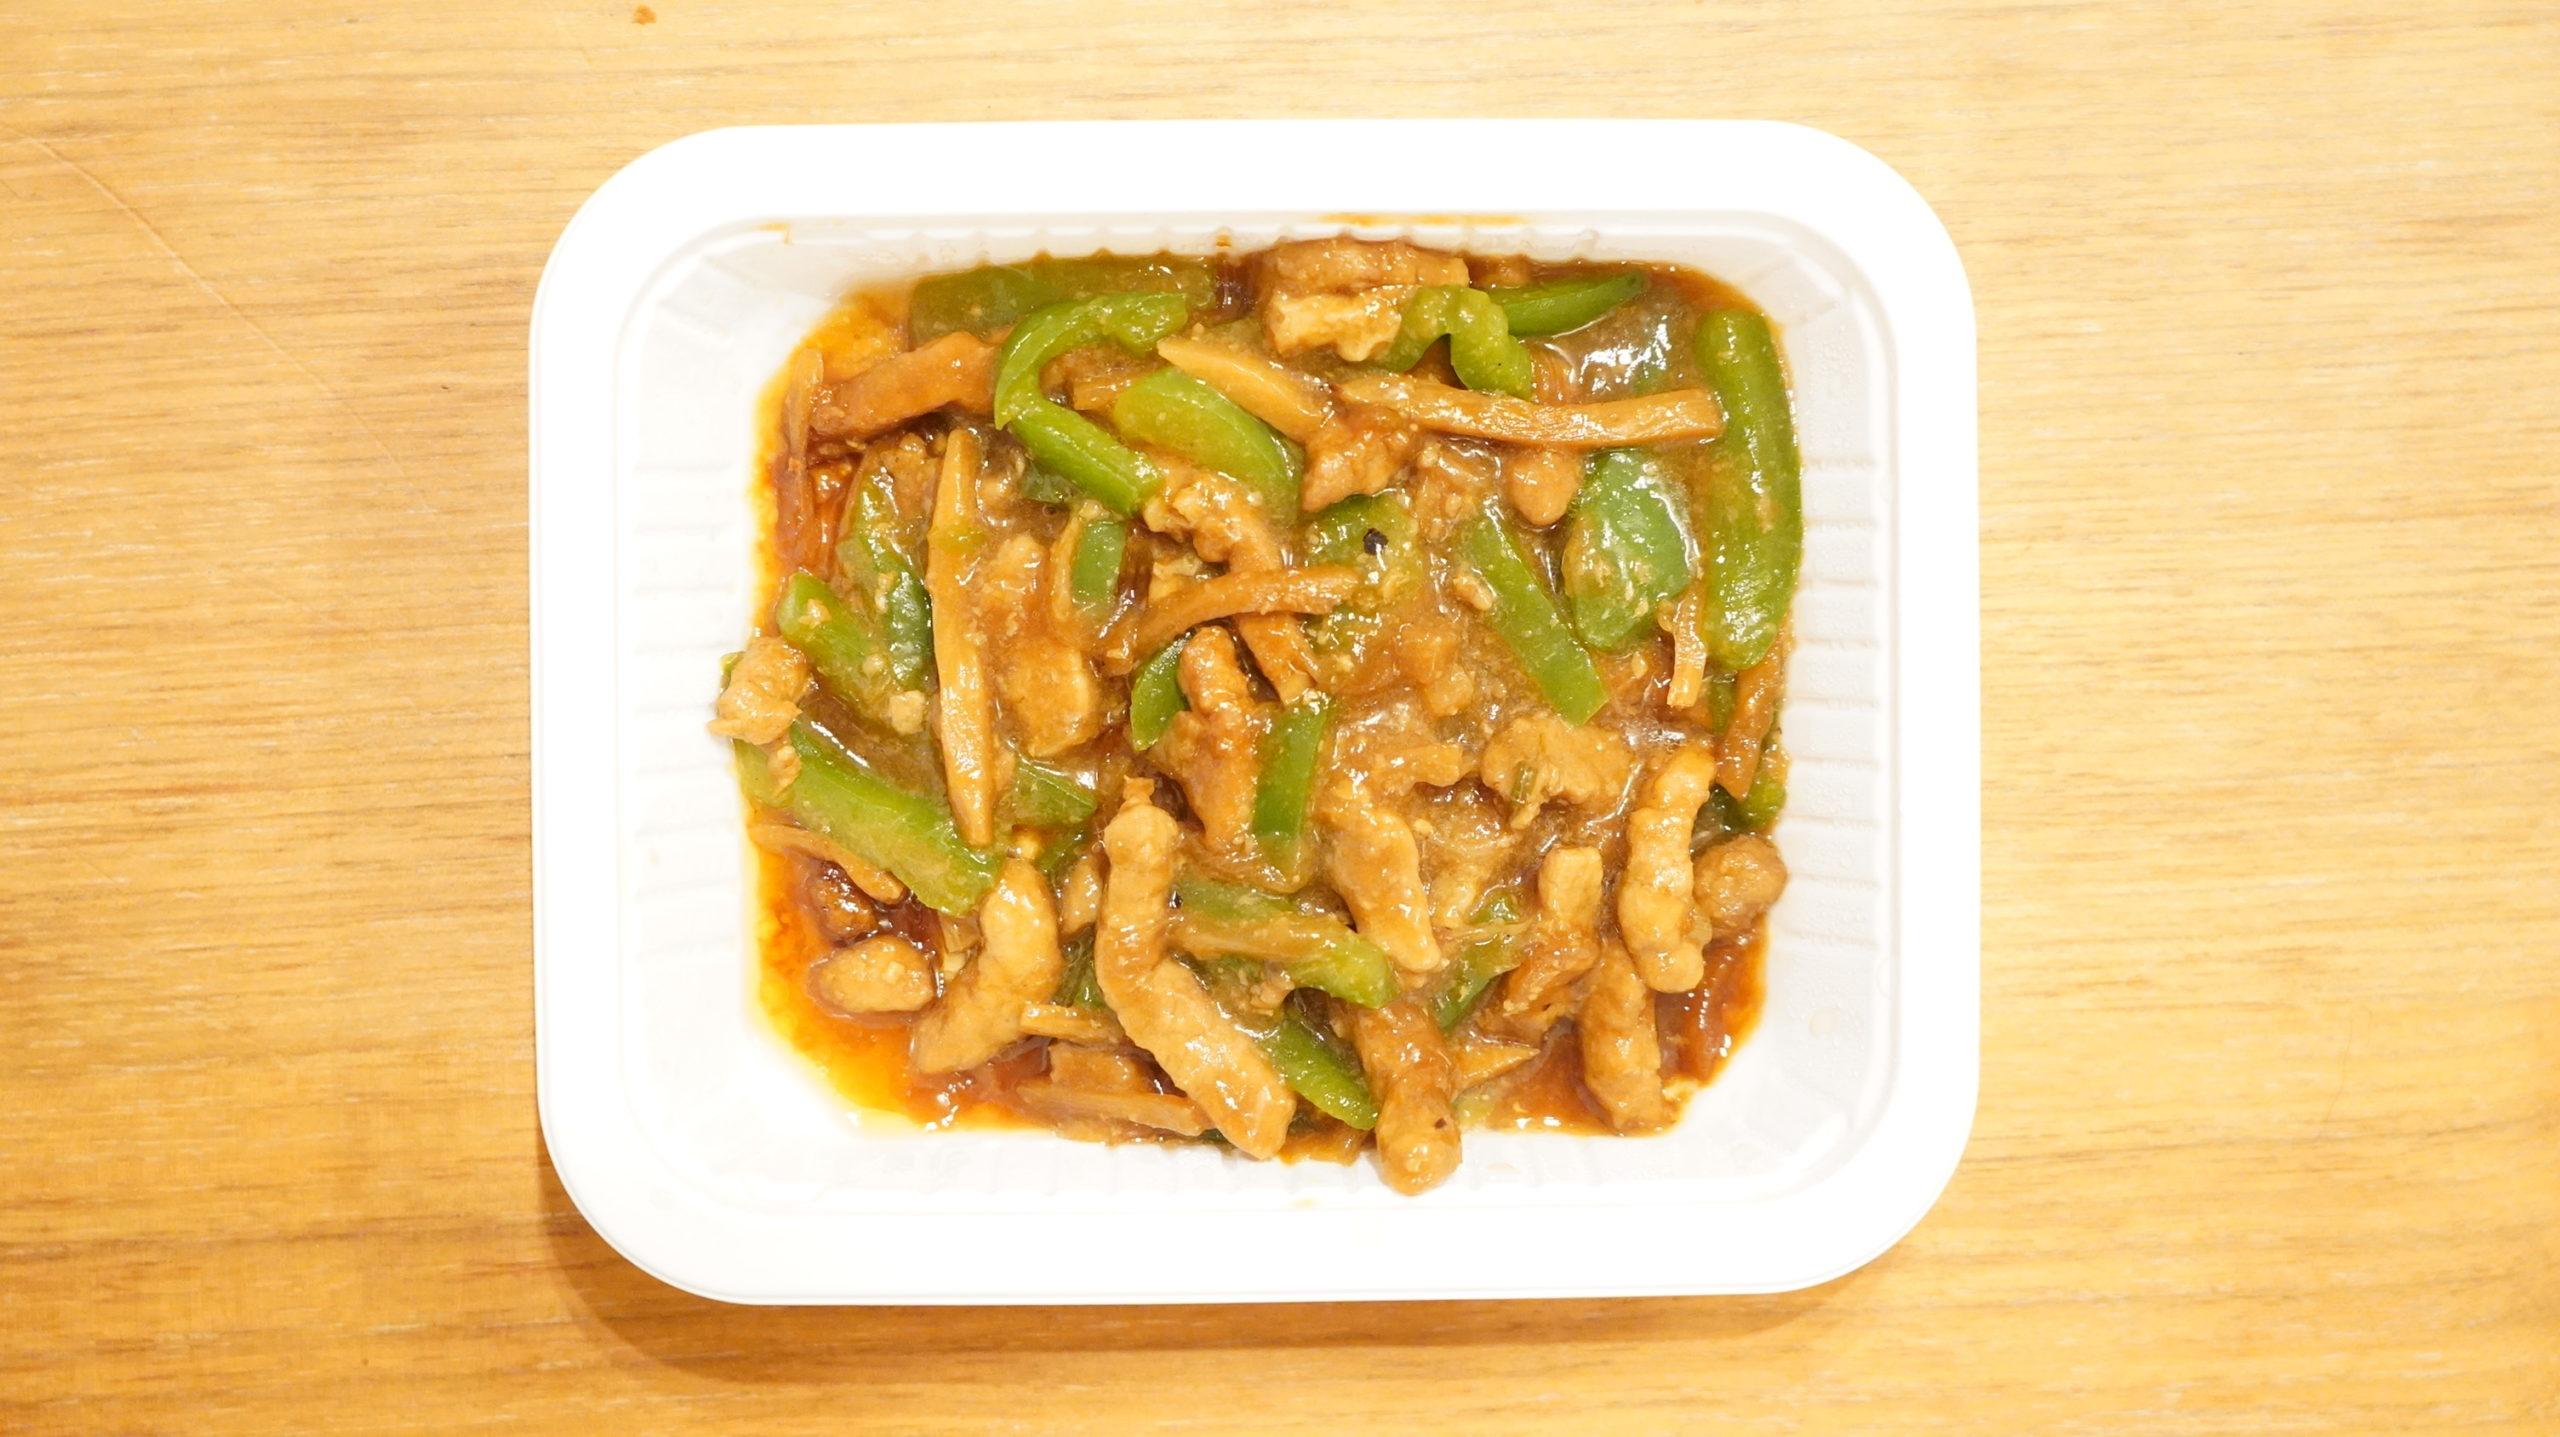 セブンイレブンの冷凍食品「やみつきになる香ばしさ・青椒肉絲(チンジャオロースー」の中身の写真